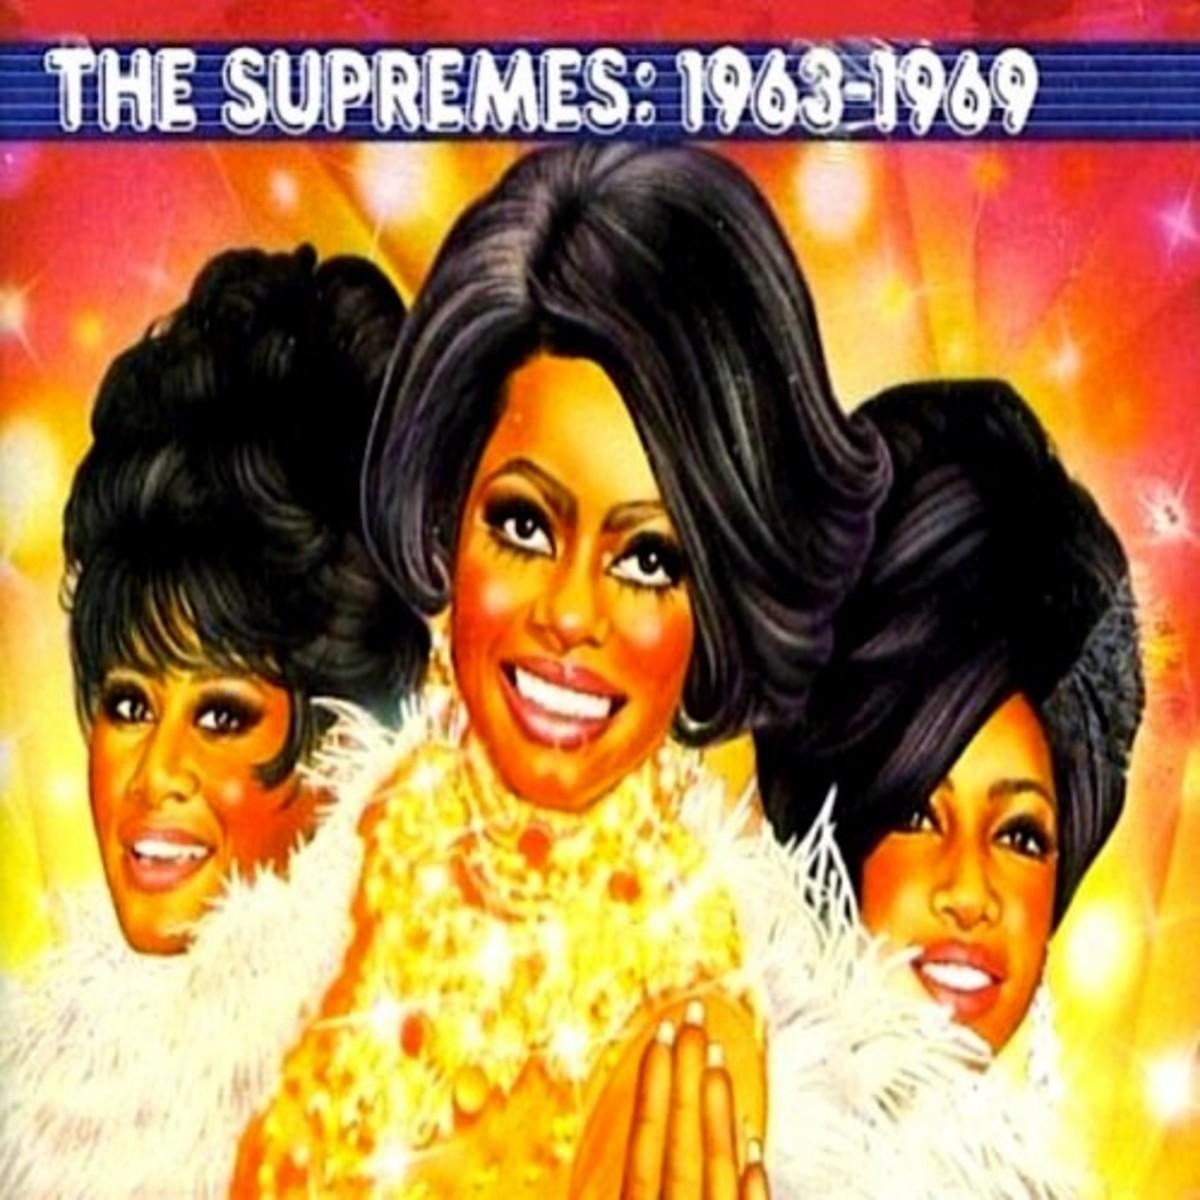 Supremes 1963-1969